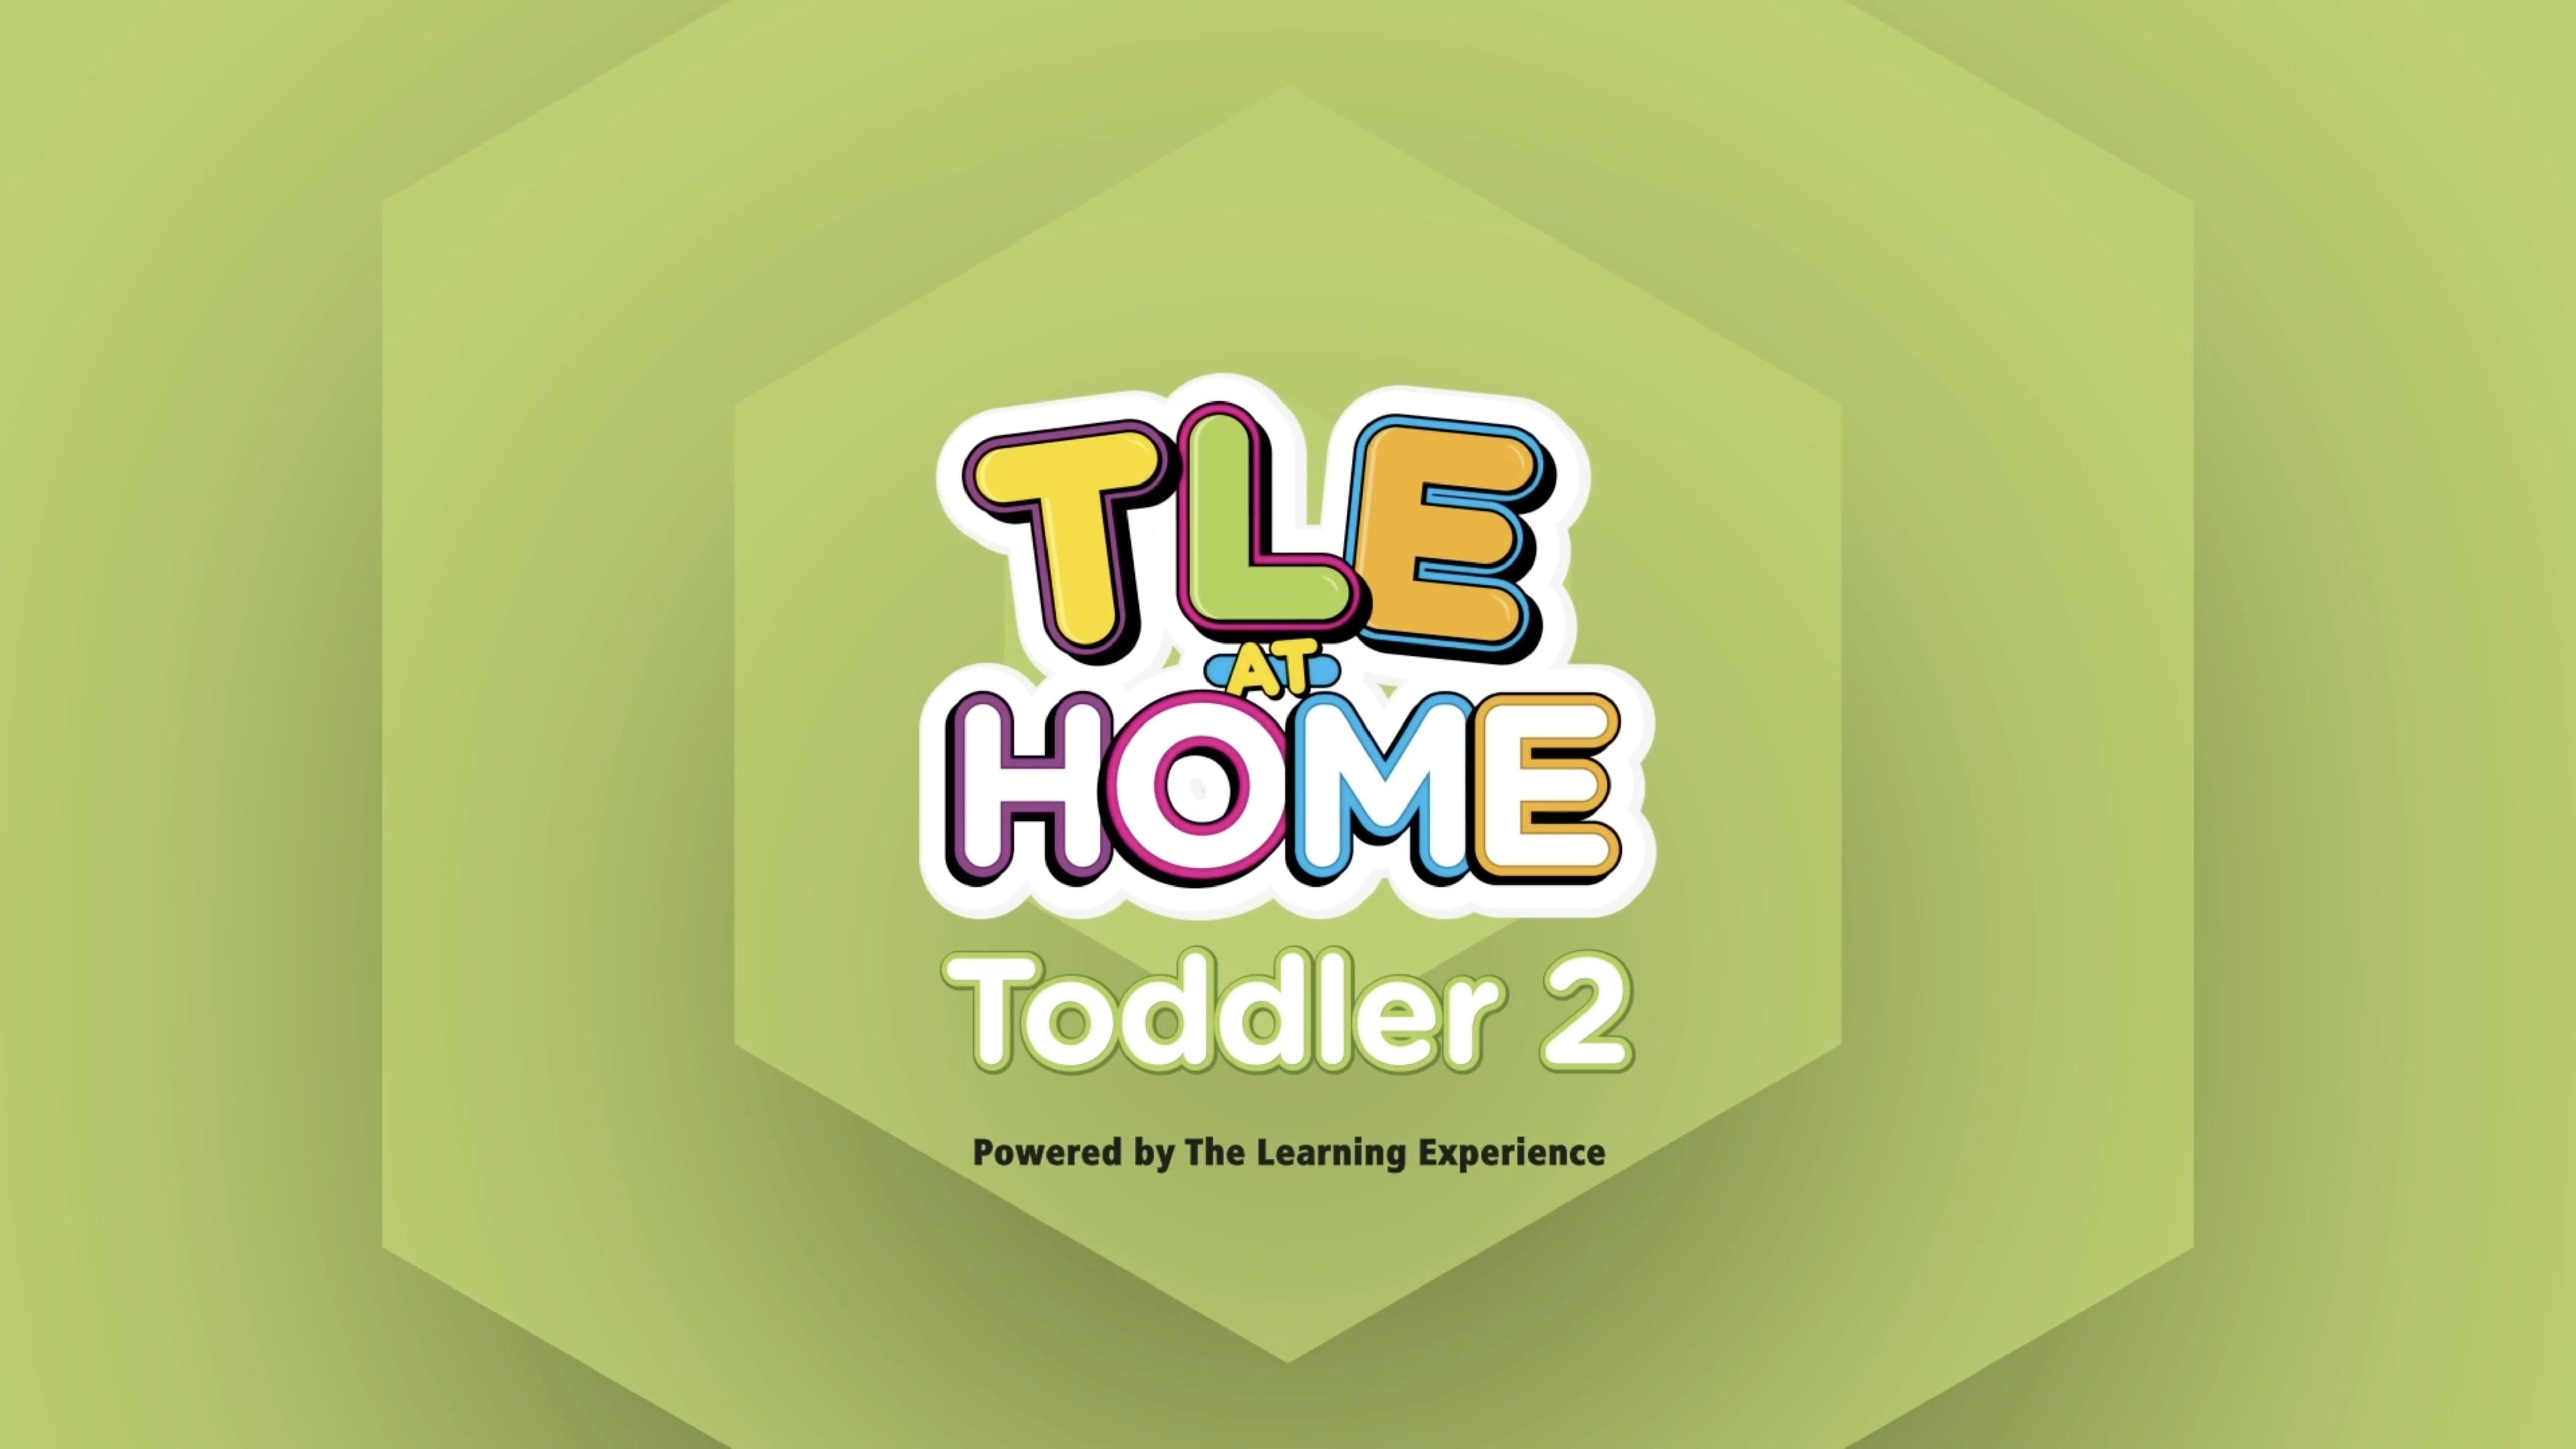 Toddler2 Thumbnail